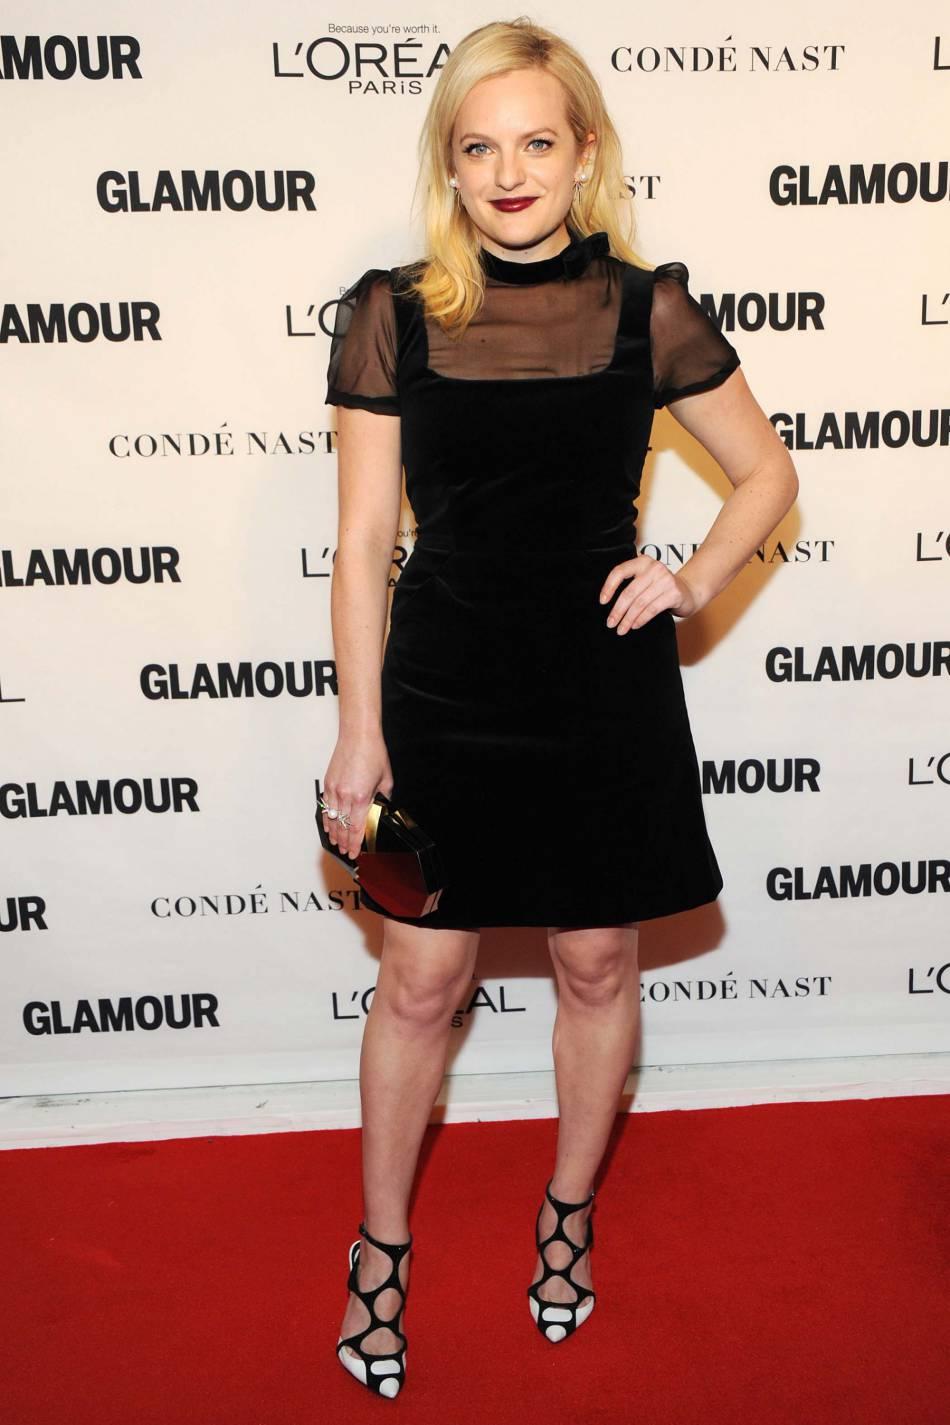 Elisabeth Moss aux Glamour Awards le 9 novembre 2015 à New York.